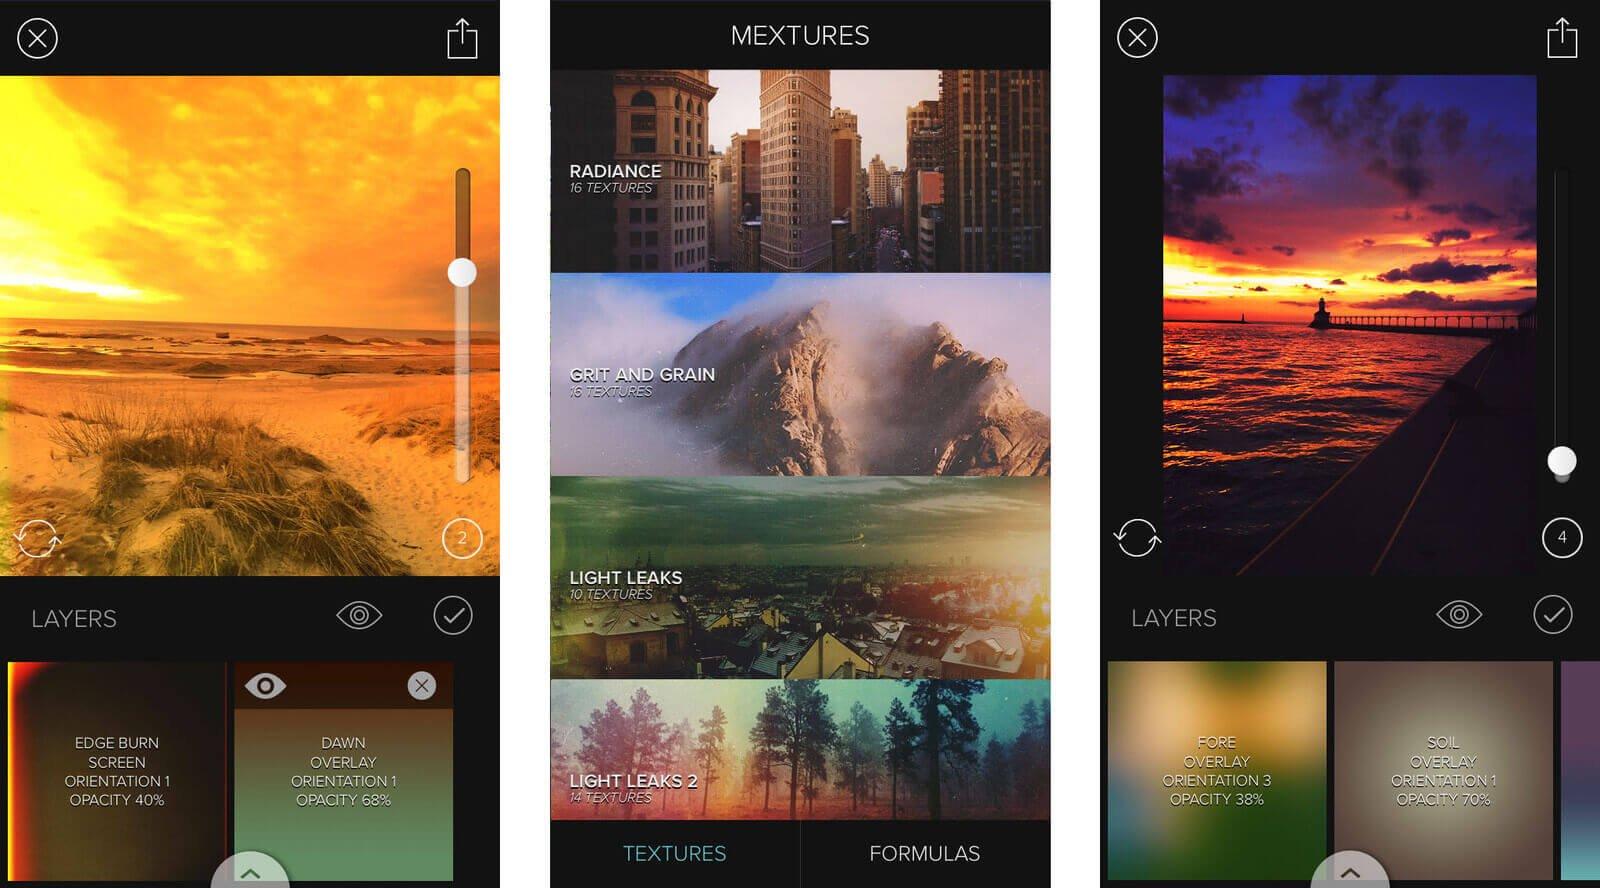 Крутой авиасимулятор для iOS и еще два приложения, которые стали дешевле